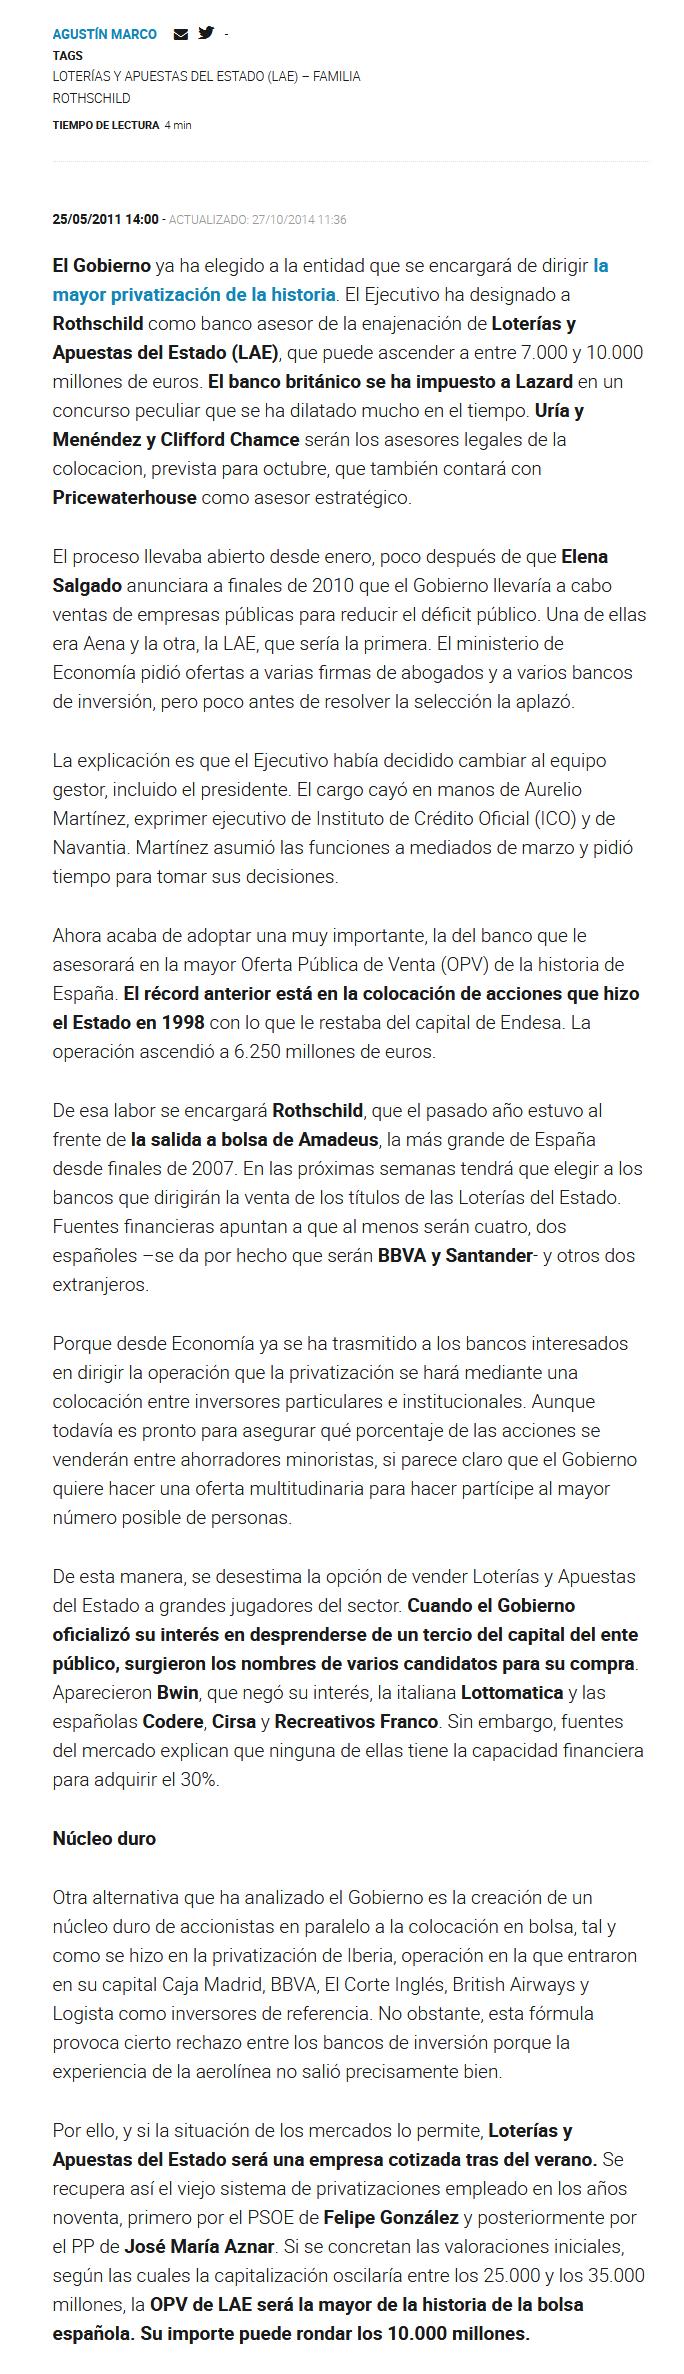 Screenshot_2019-12-24 Rothschild dirigirá la OPV de Loterías, la mayor privatización de la historia(1)